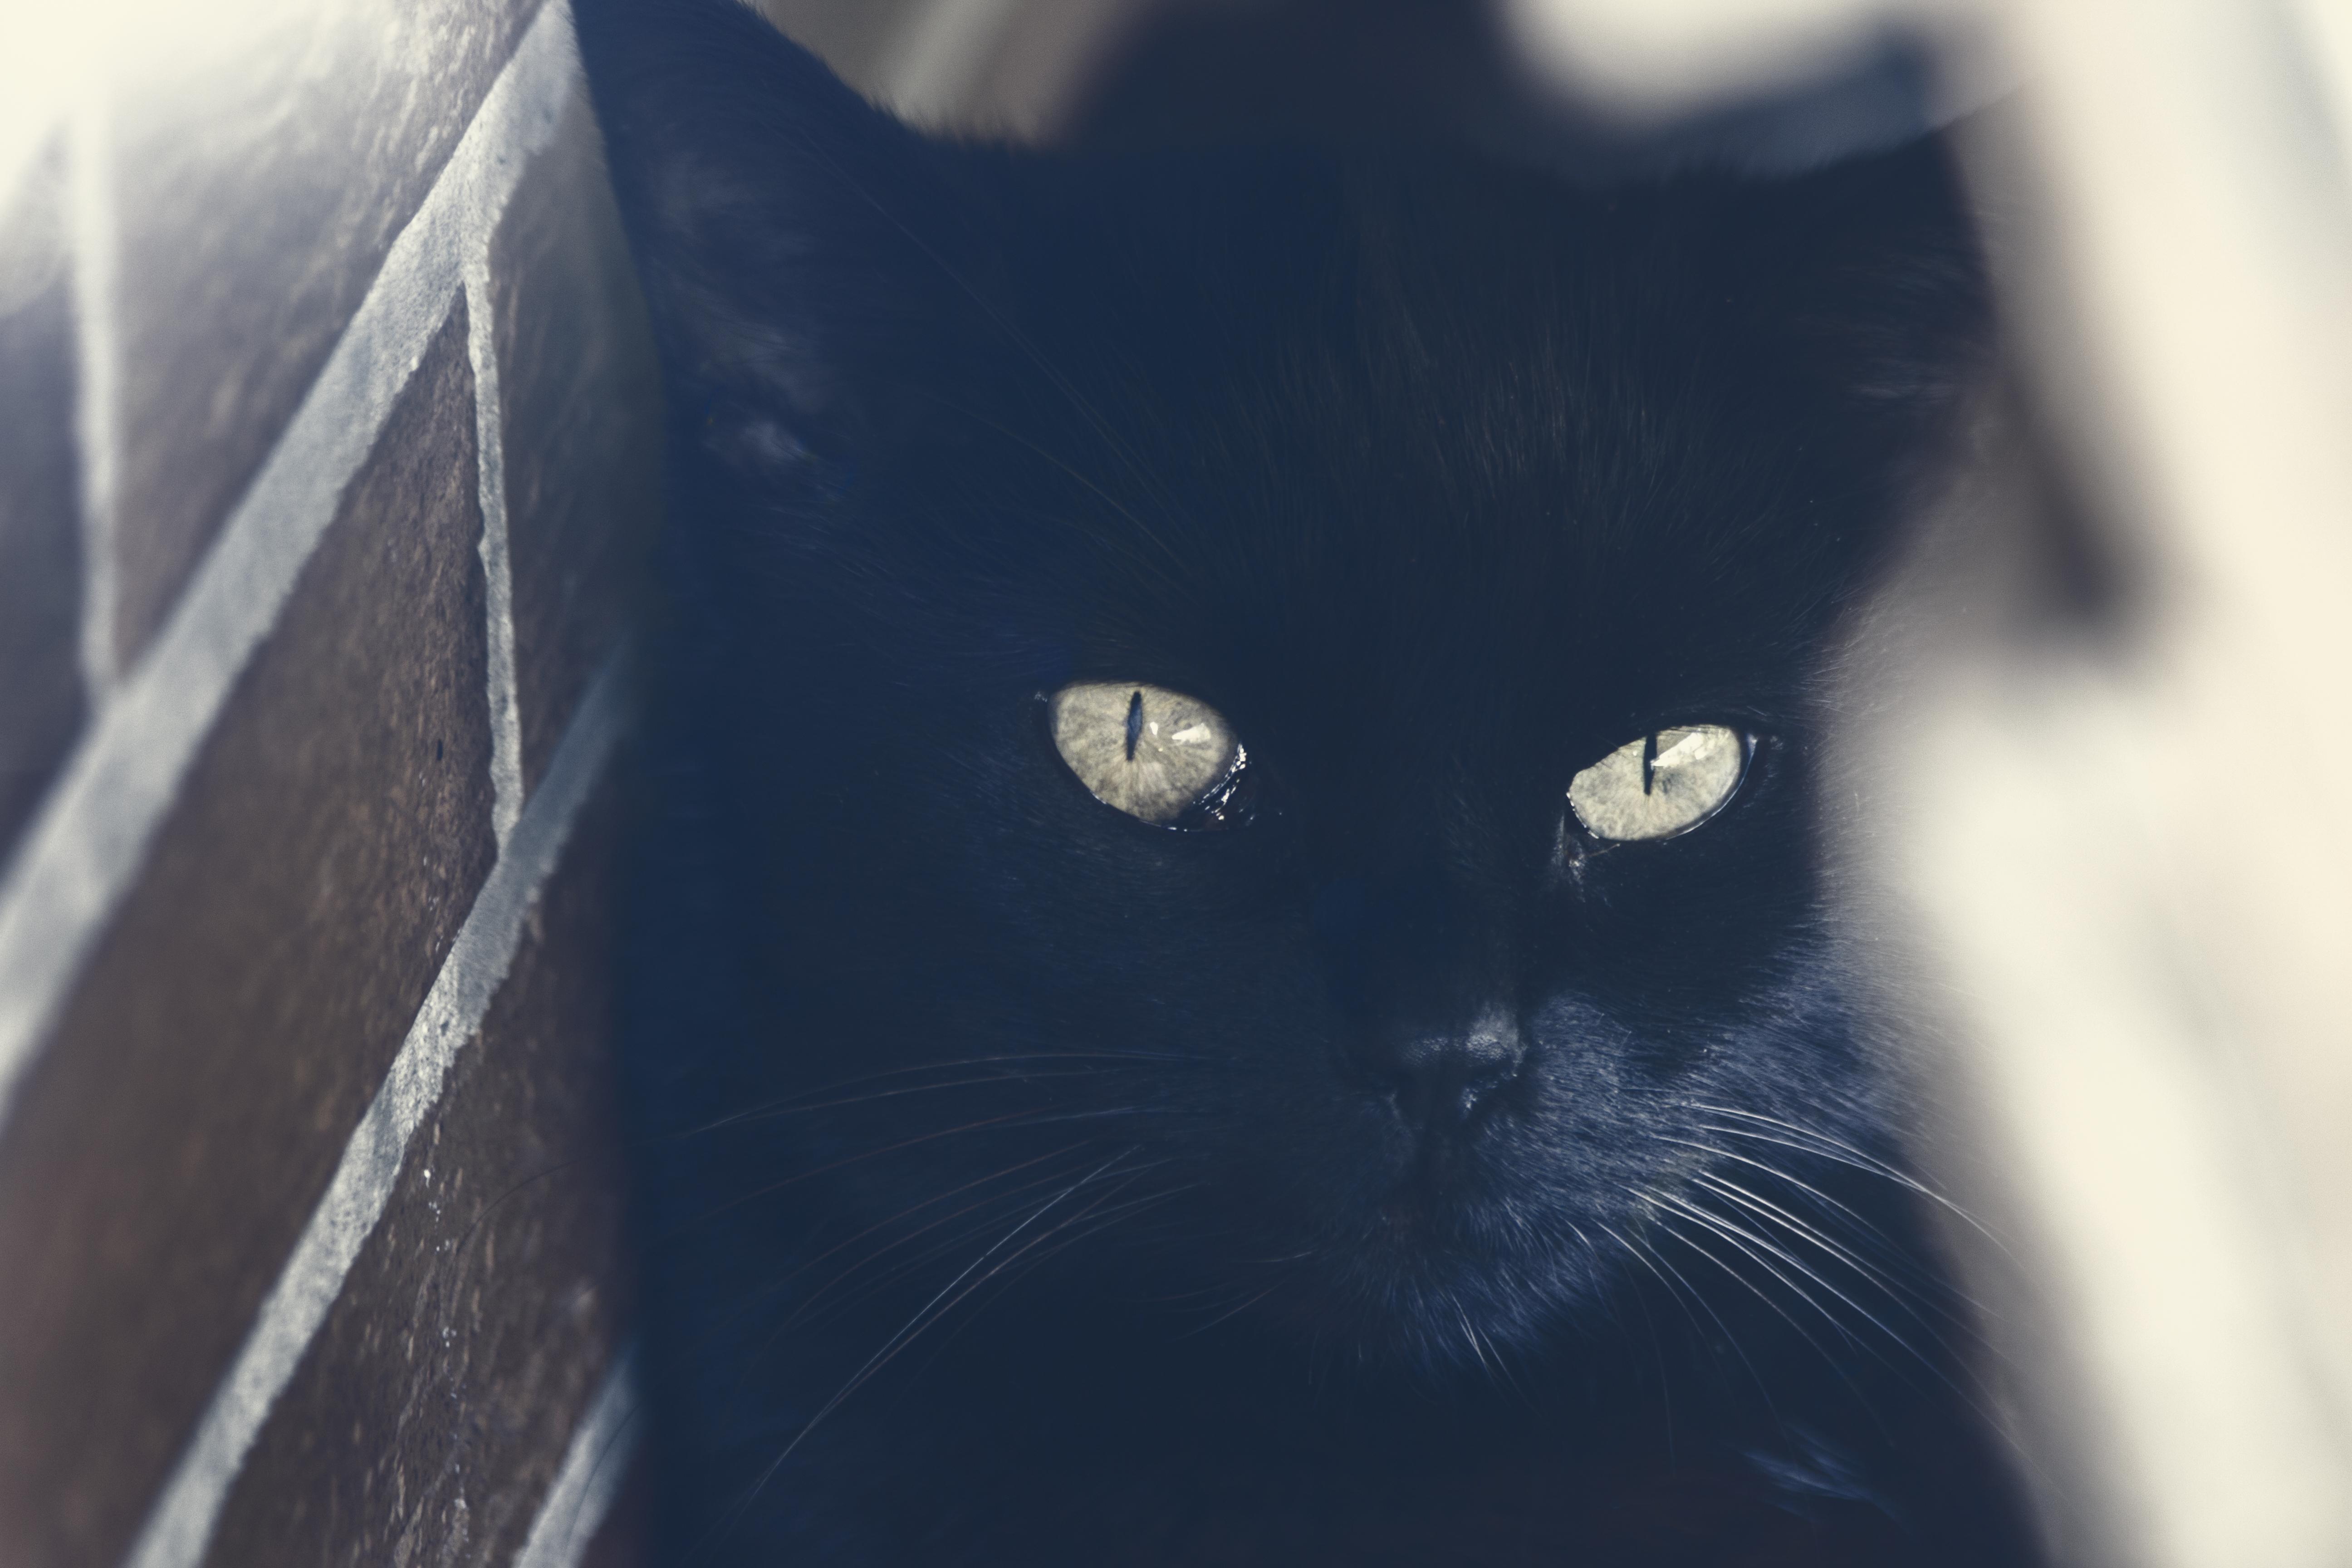 Ein Kuschelkissen für die Katze - ein Kissen für die Fensterbank (Werbung)